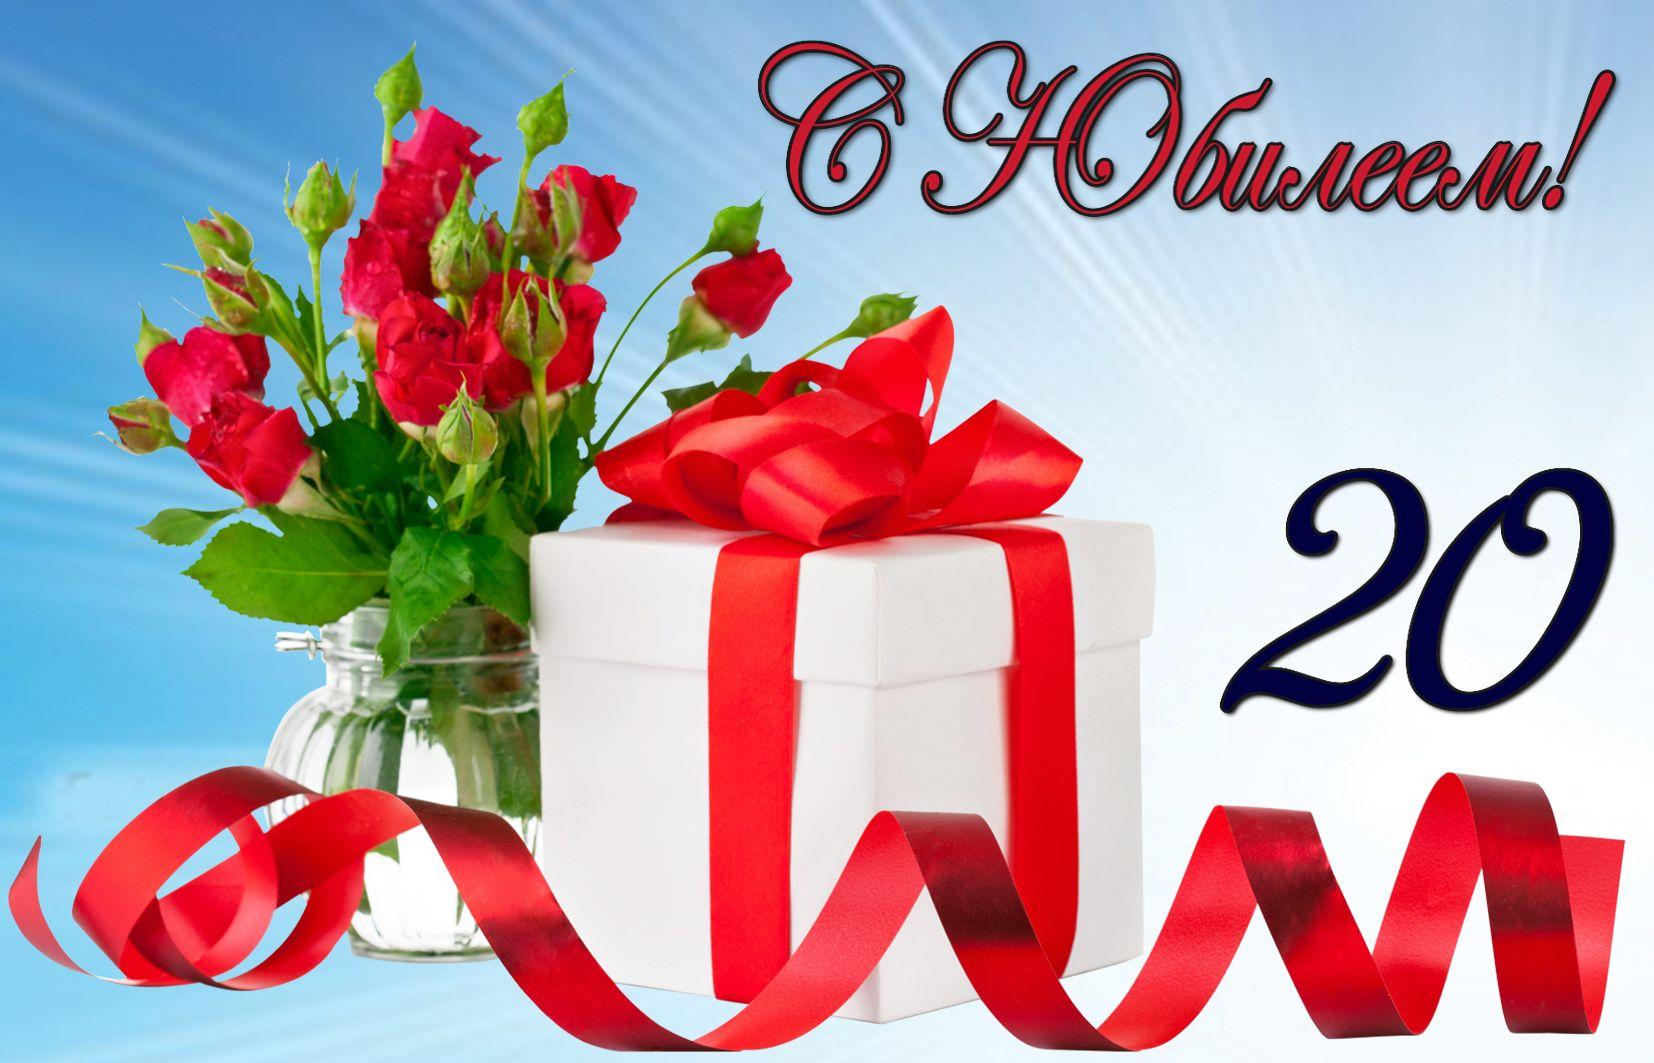 Открытка на юбилей 20 лет - цветы в вазе и большой подарок